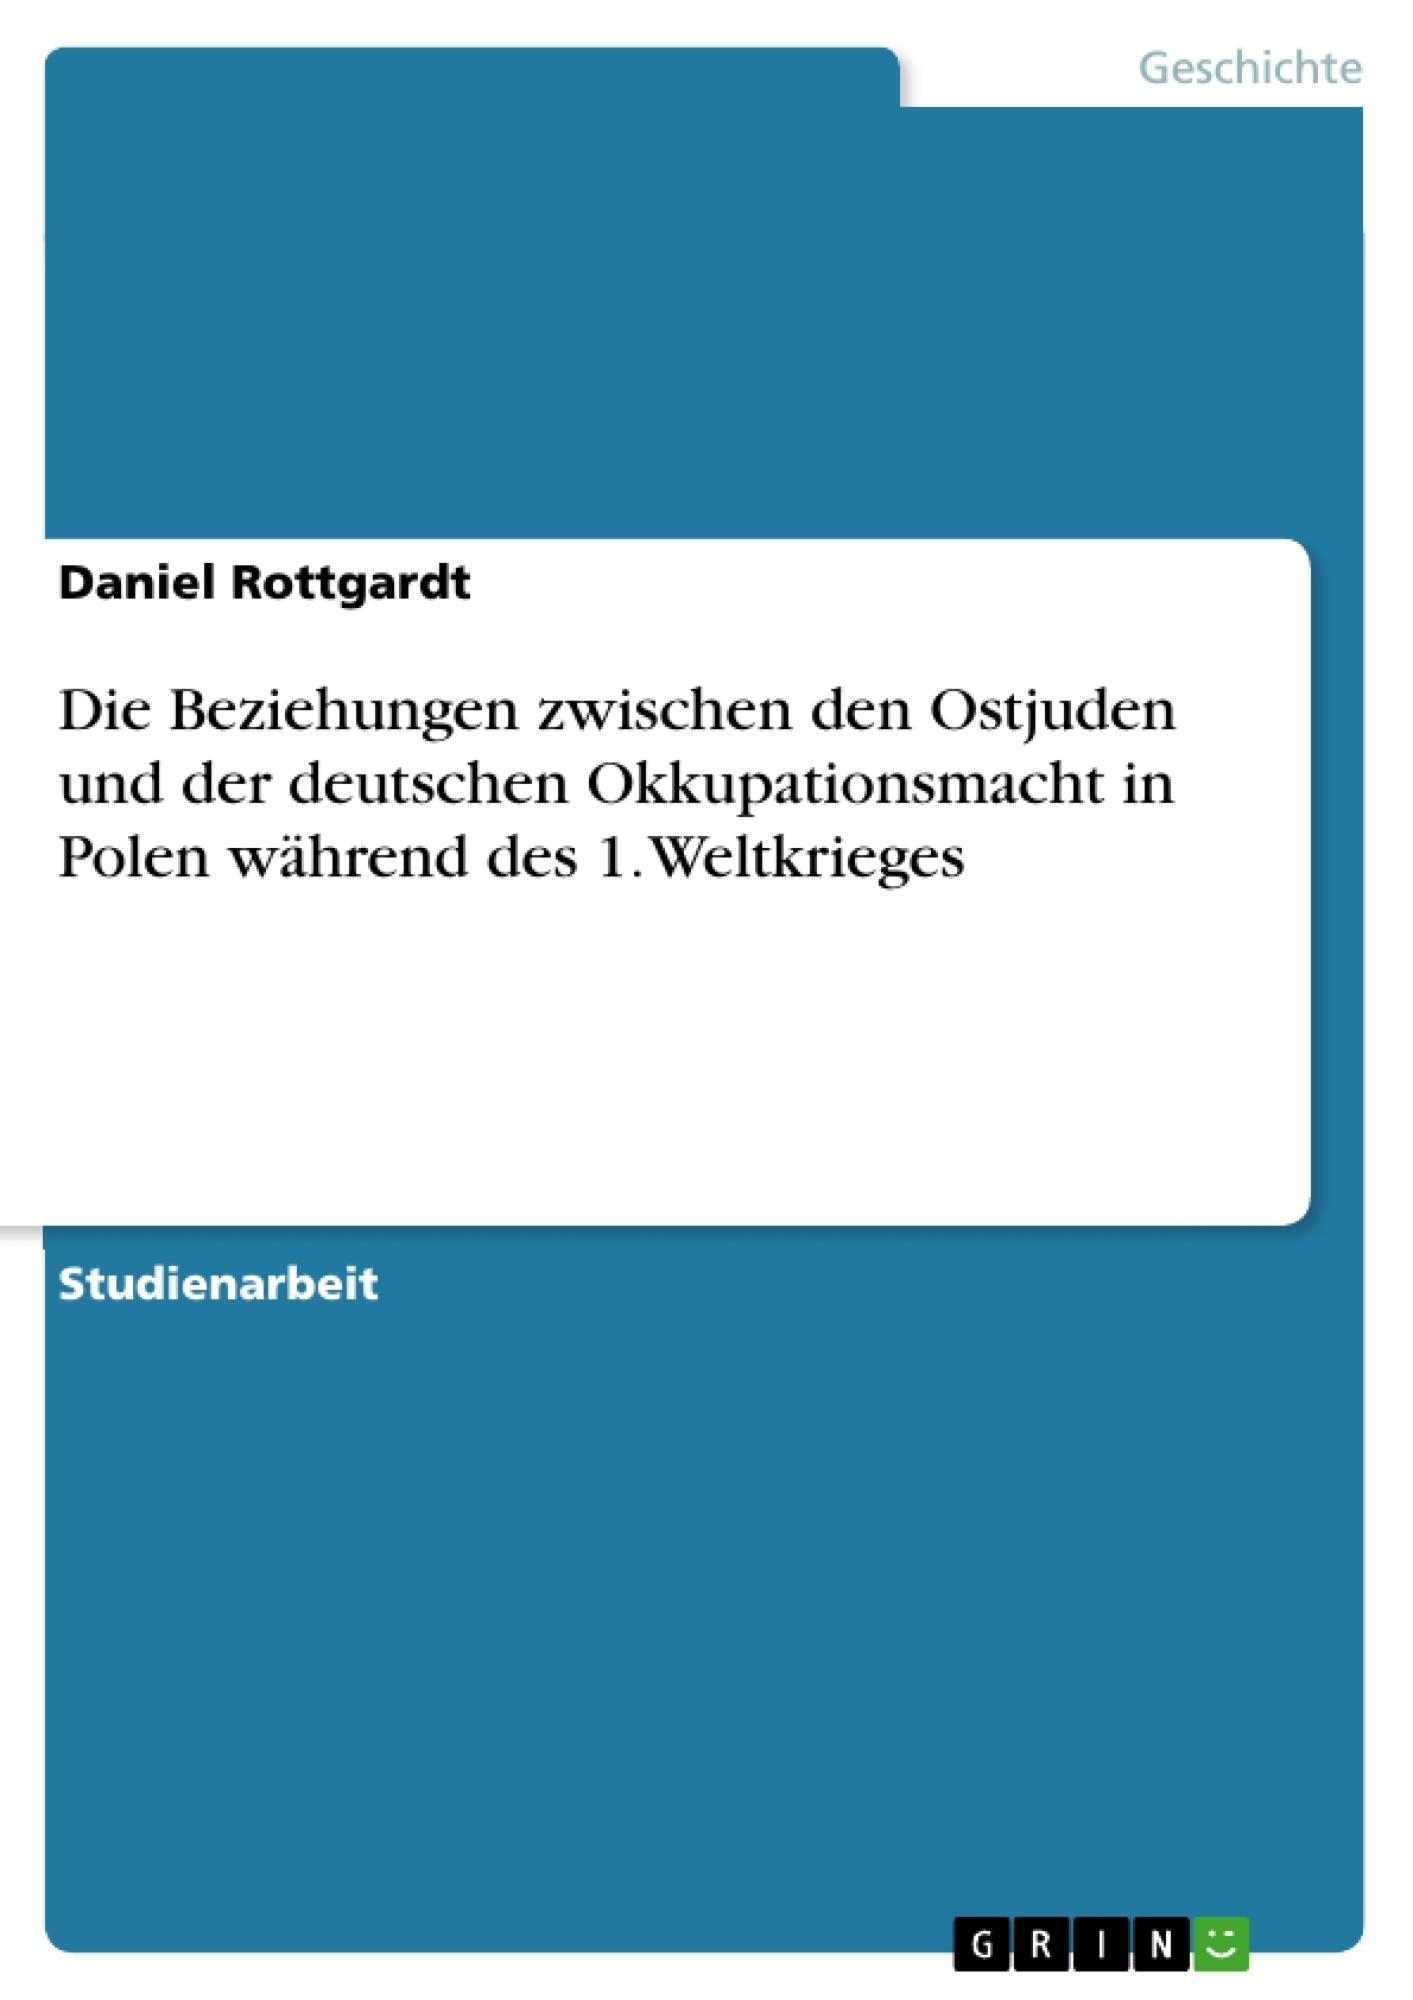 Titel: Die Beziehungen zwischen den Ostjuden und der deutschen Okkupationsmacht in Polen während des 1. Weltkrieges